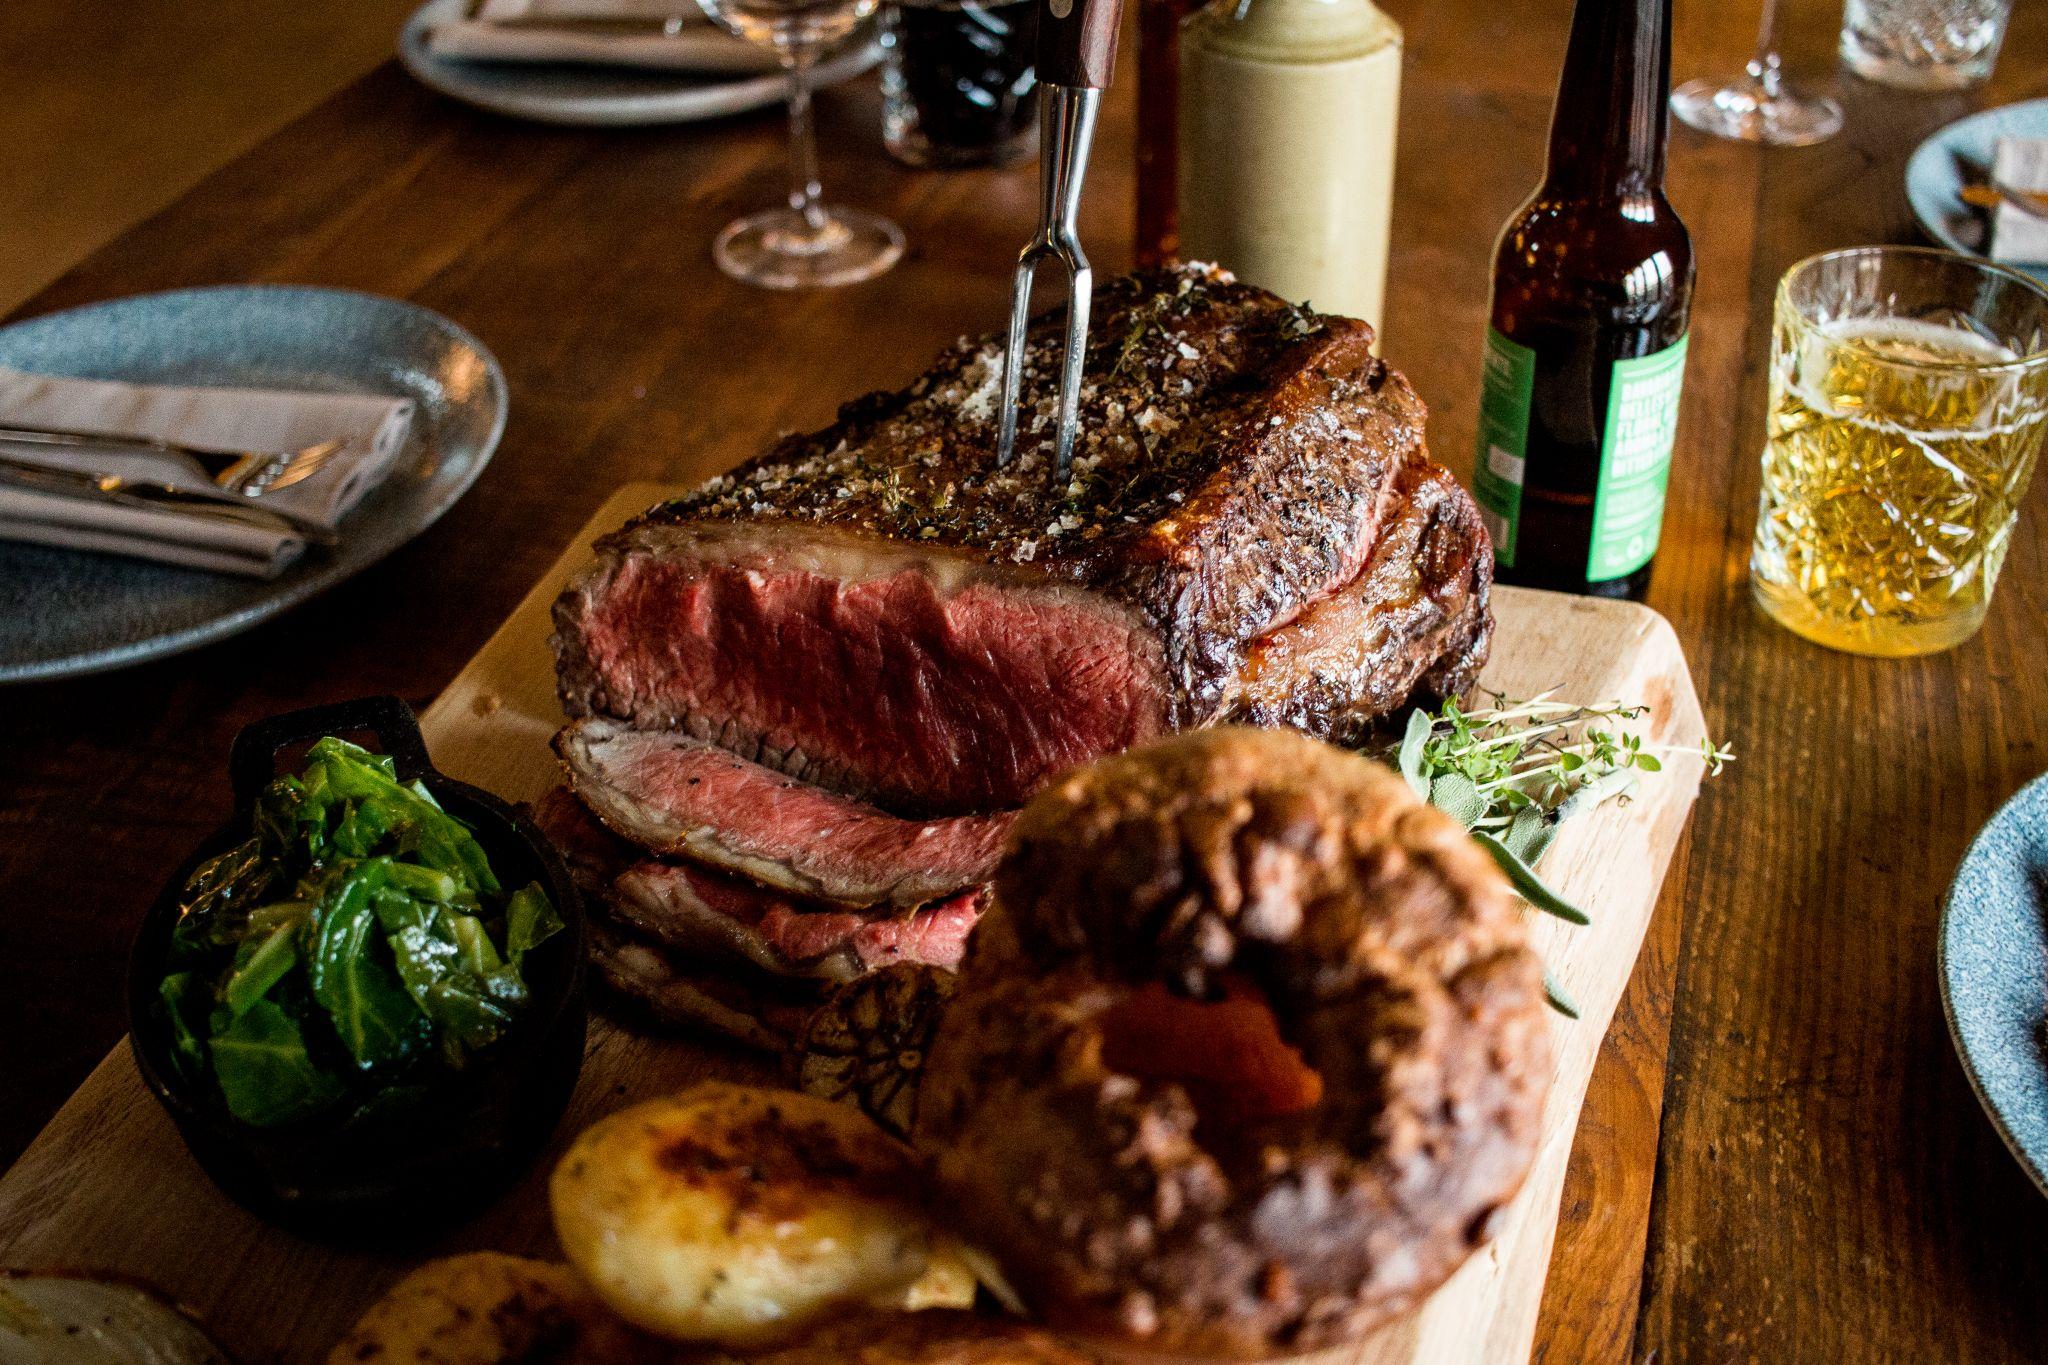 bonded warehouse food photography sunderland roast beef sunday club